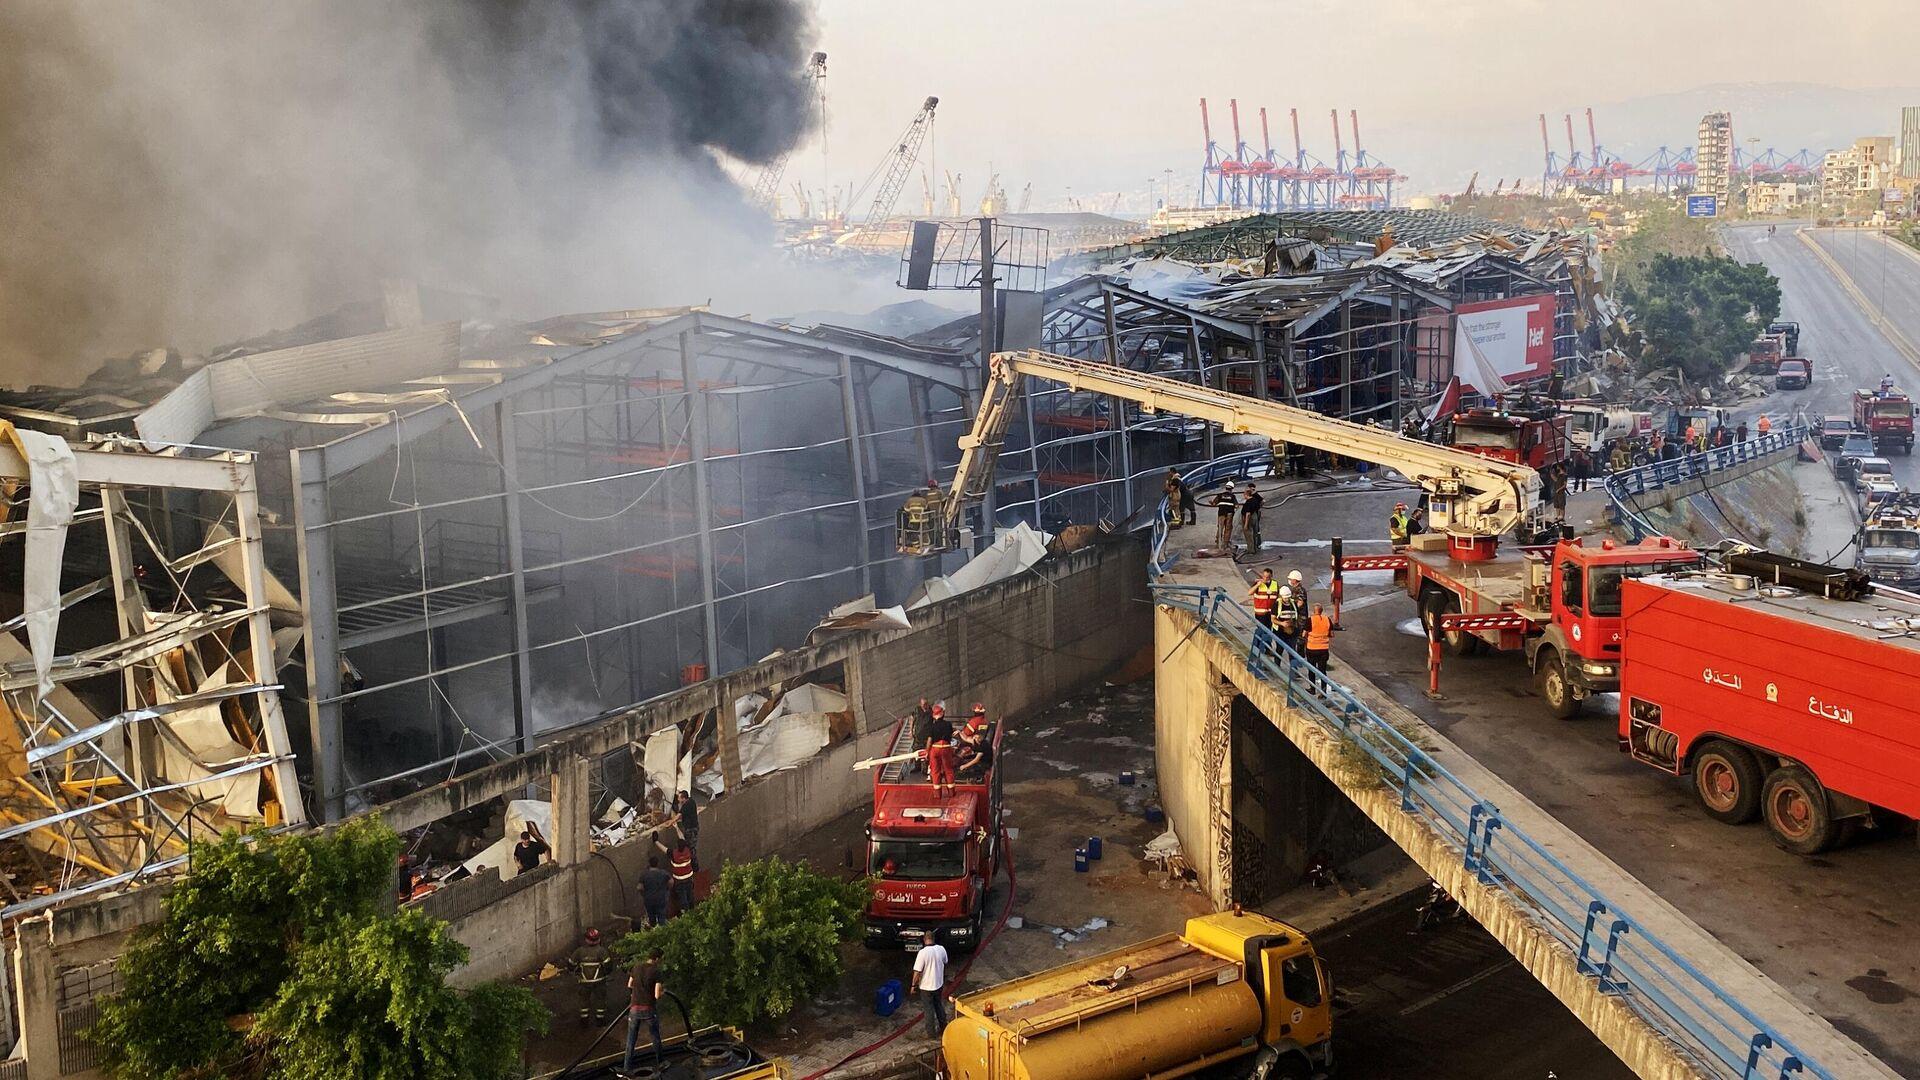 Пожарные во время тушения пожара на территории порта в Бейруте - РИА Новости, 1920, 10.02.2021